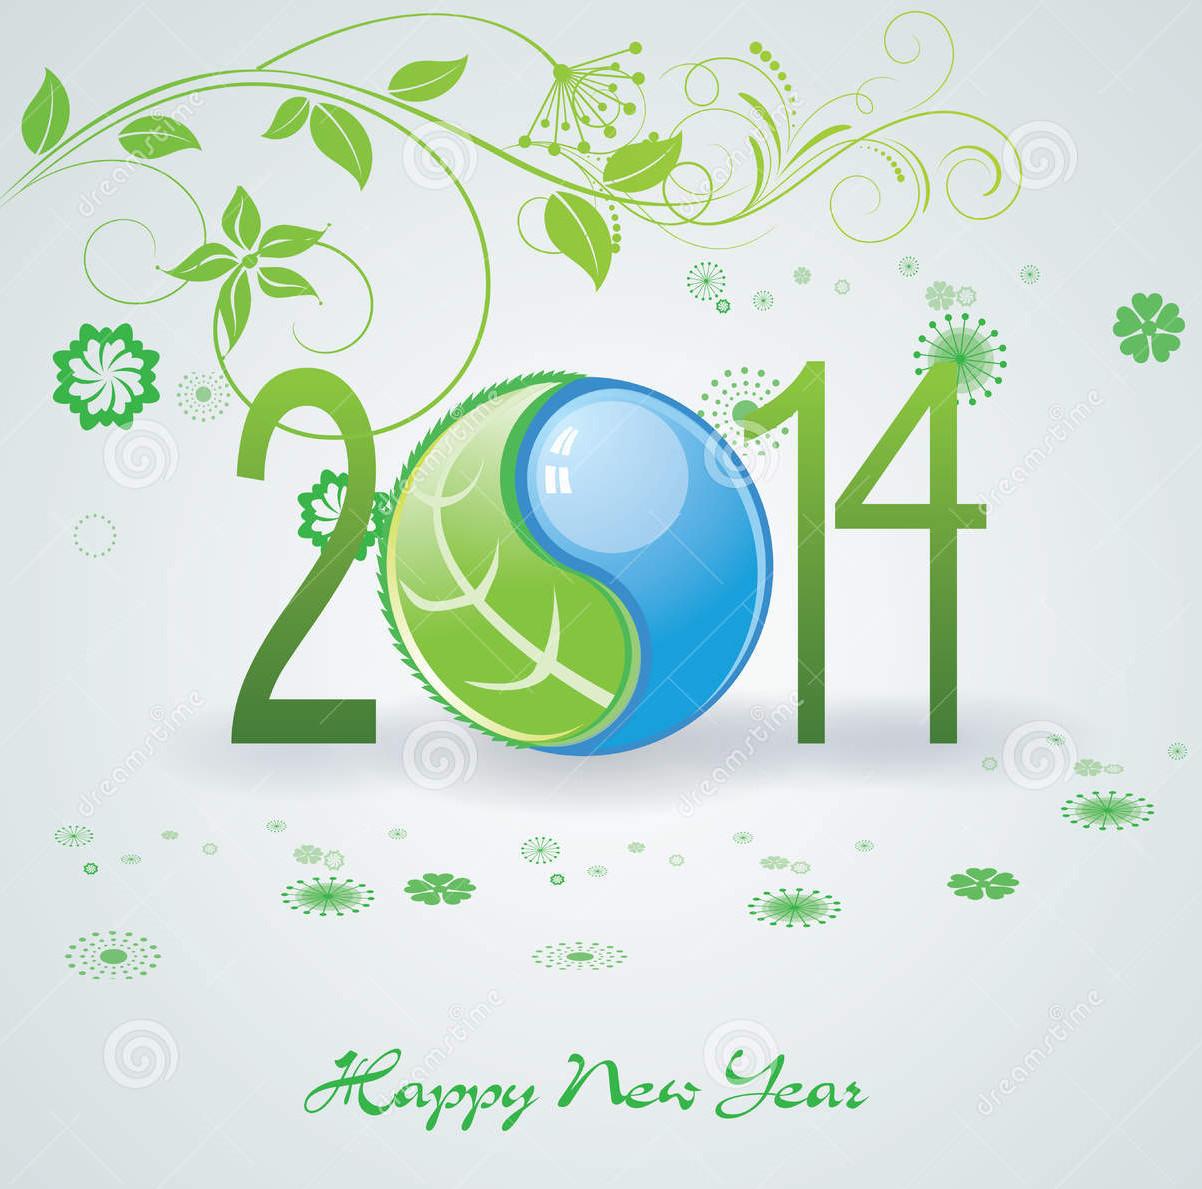 New Year in balance 2014